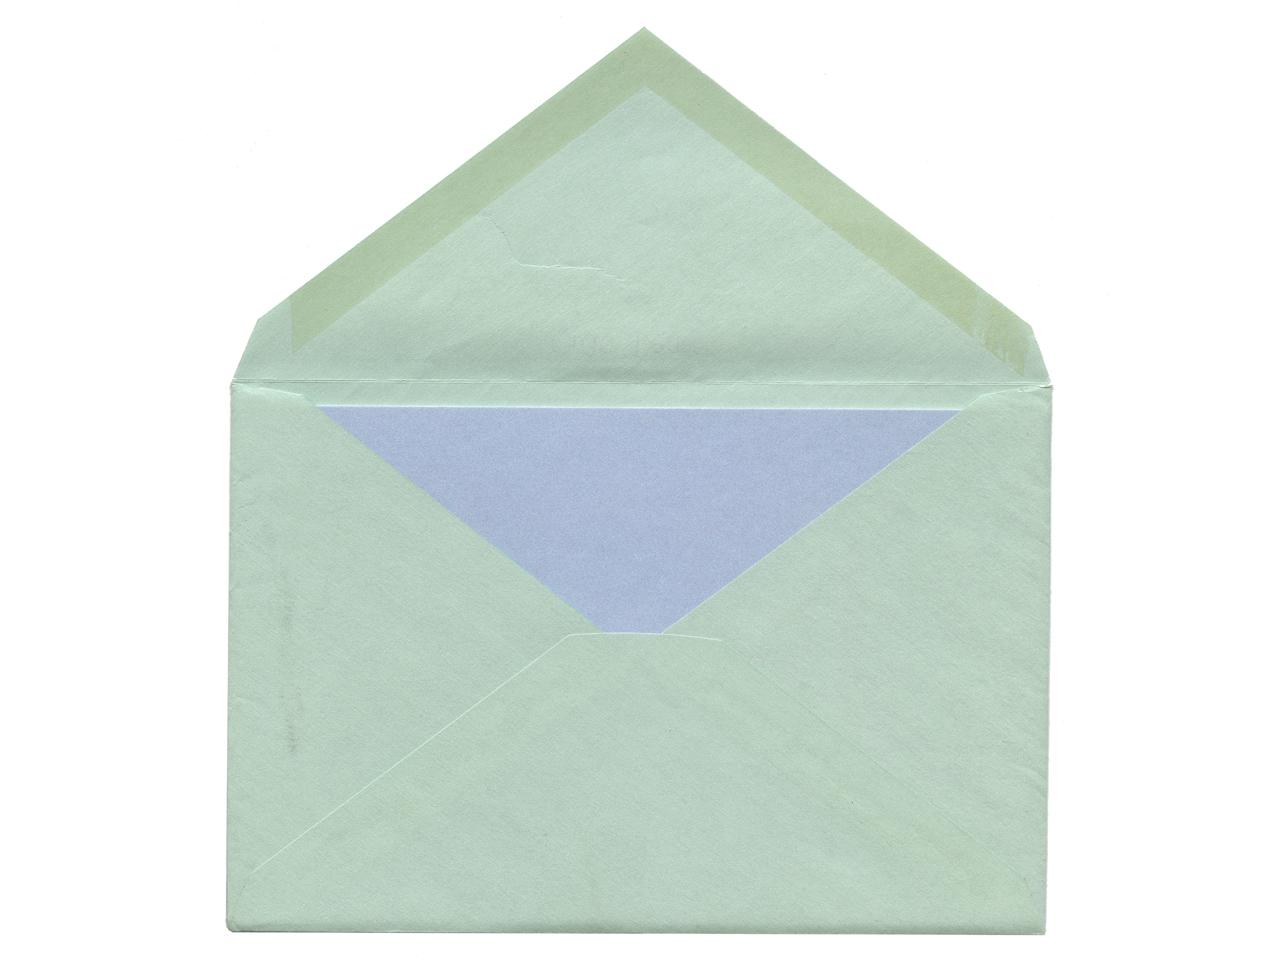 gren envelope.jpg